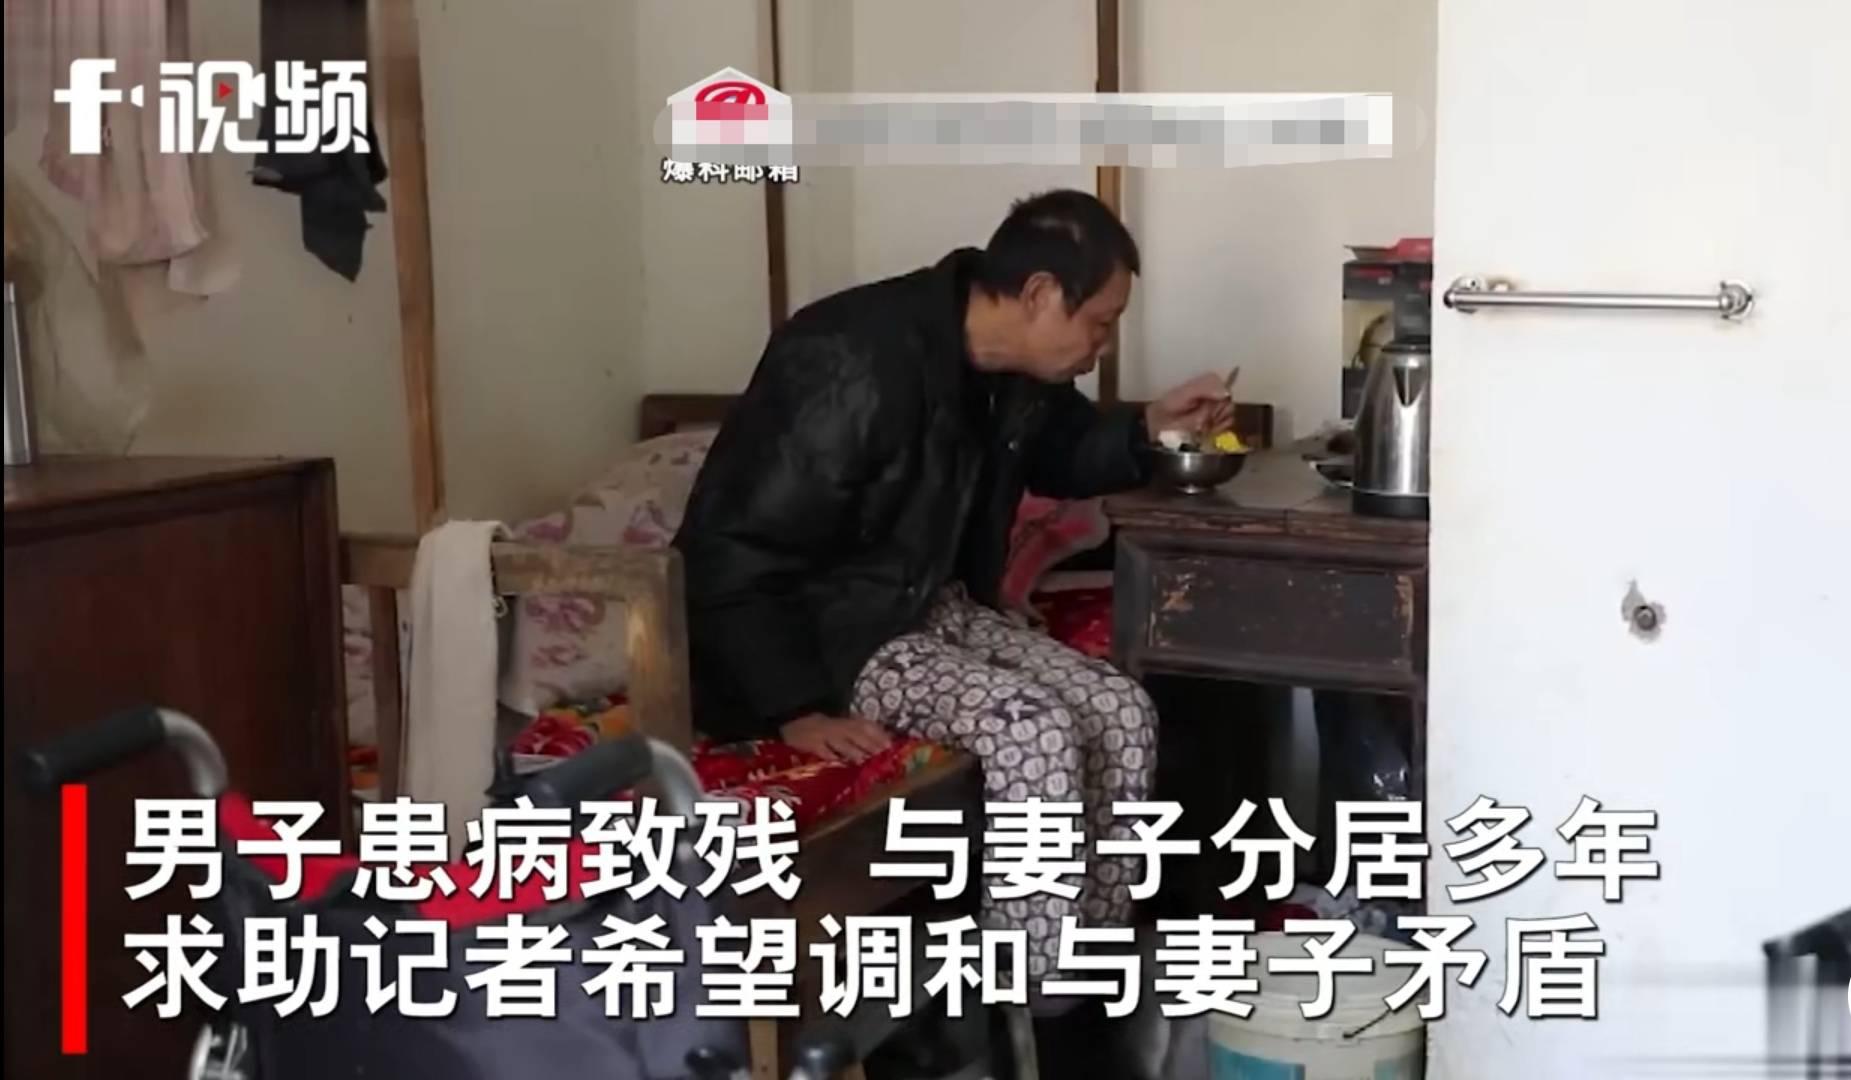 妻子的谅解中文版 她在丈夫面面被耍了